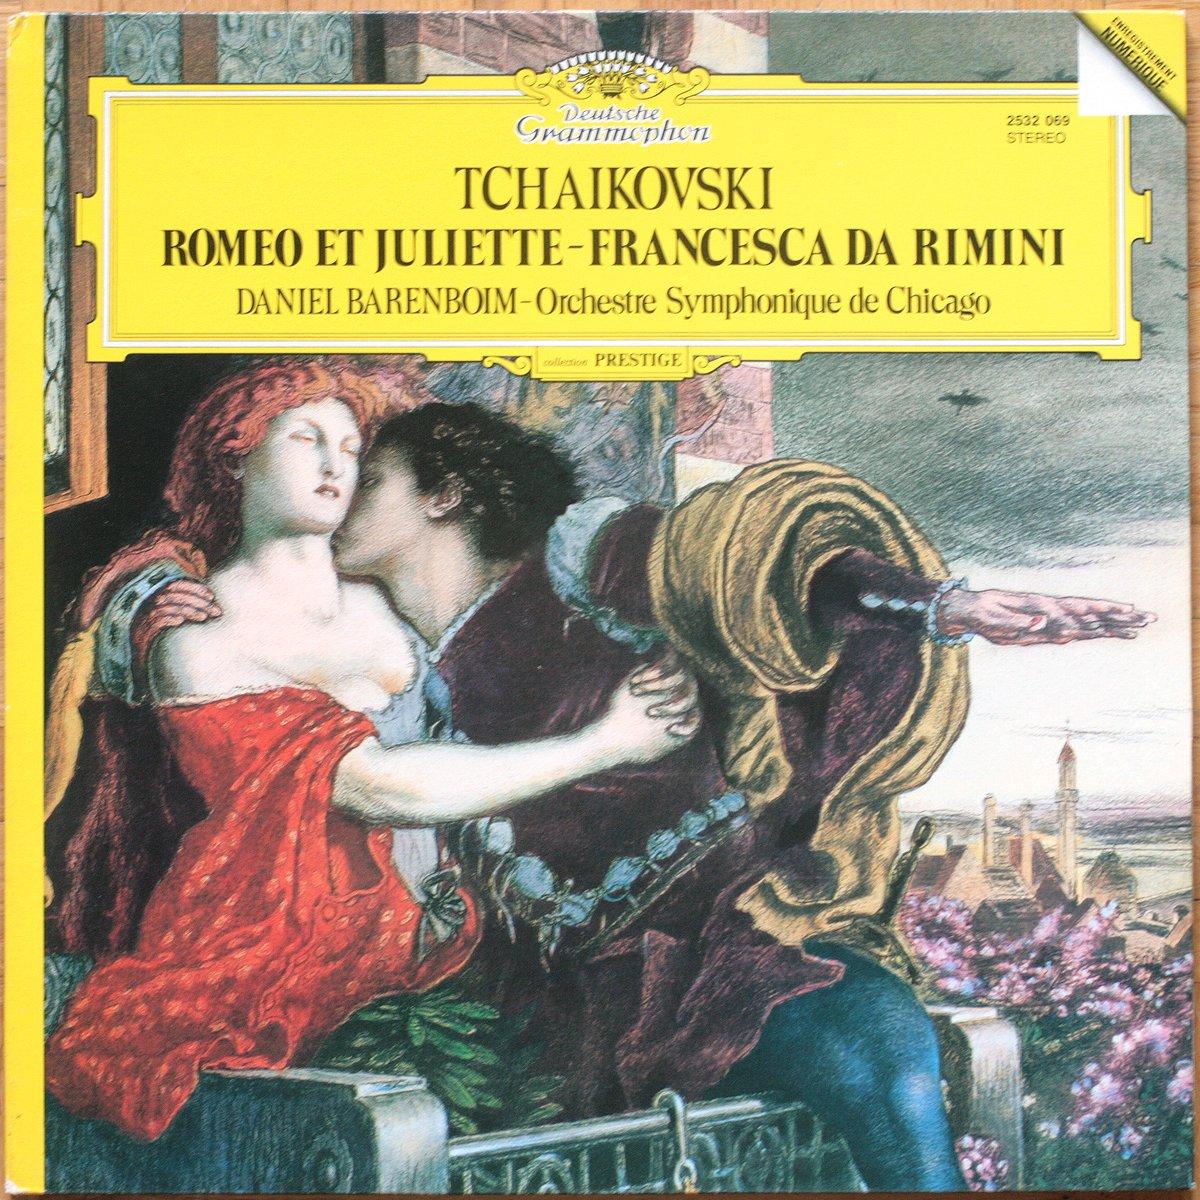 DGG 2532069 Tchaikovsky Romeo Barenboim